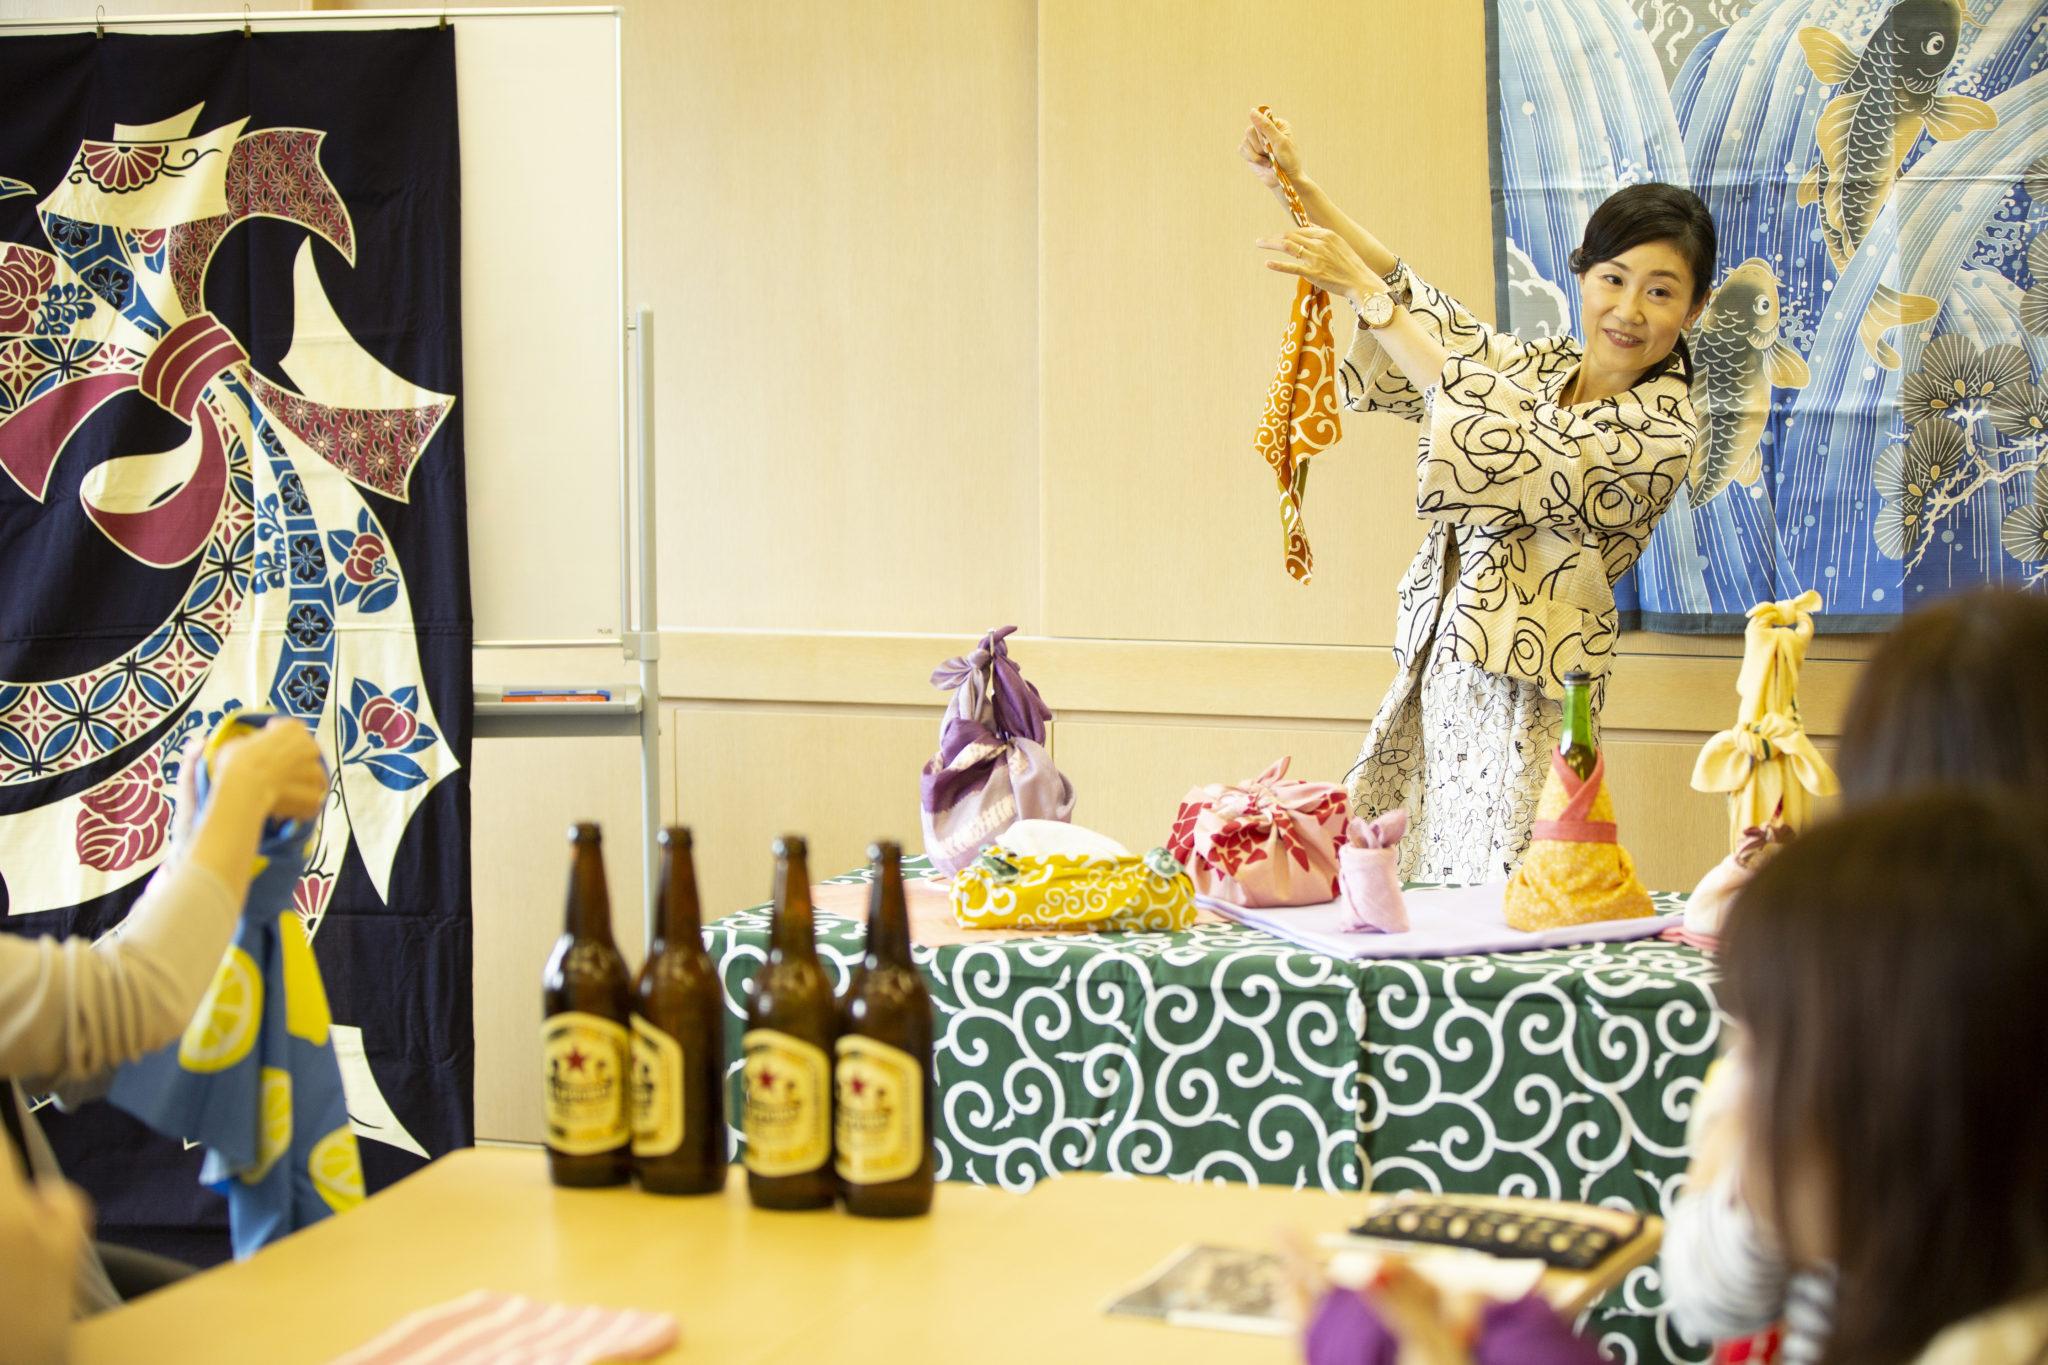 日本文化講師の浅海理惠さん